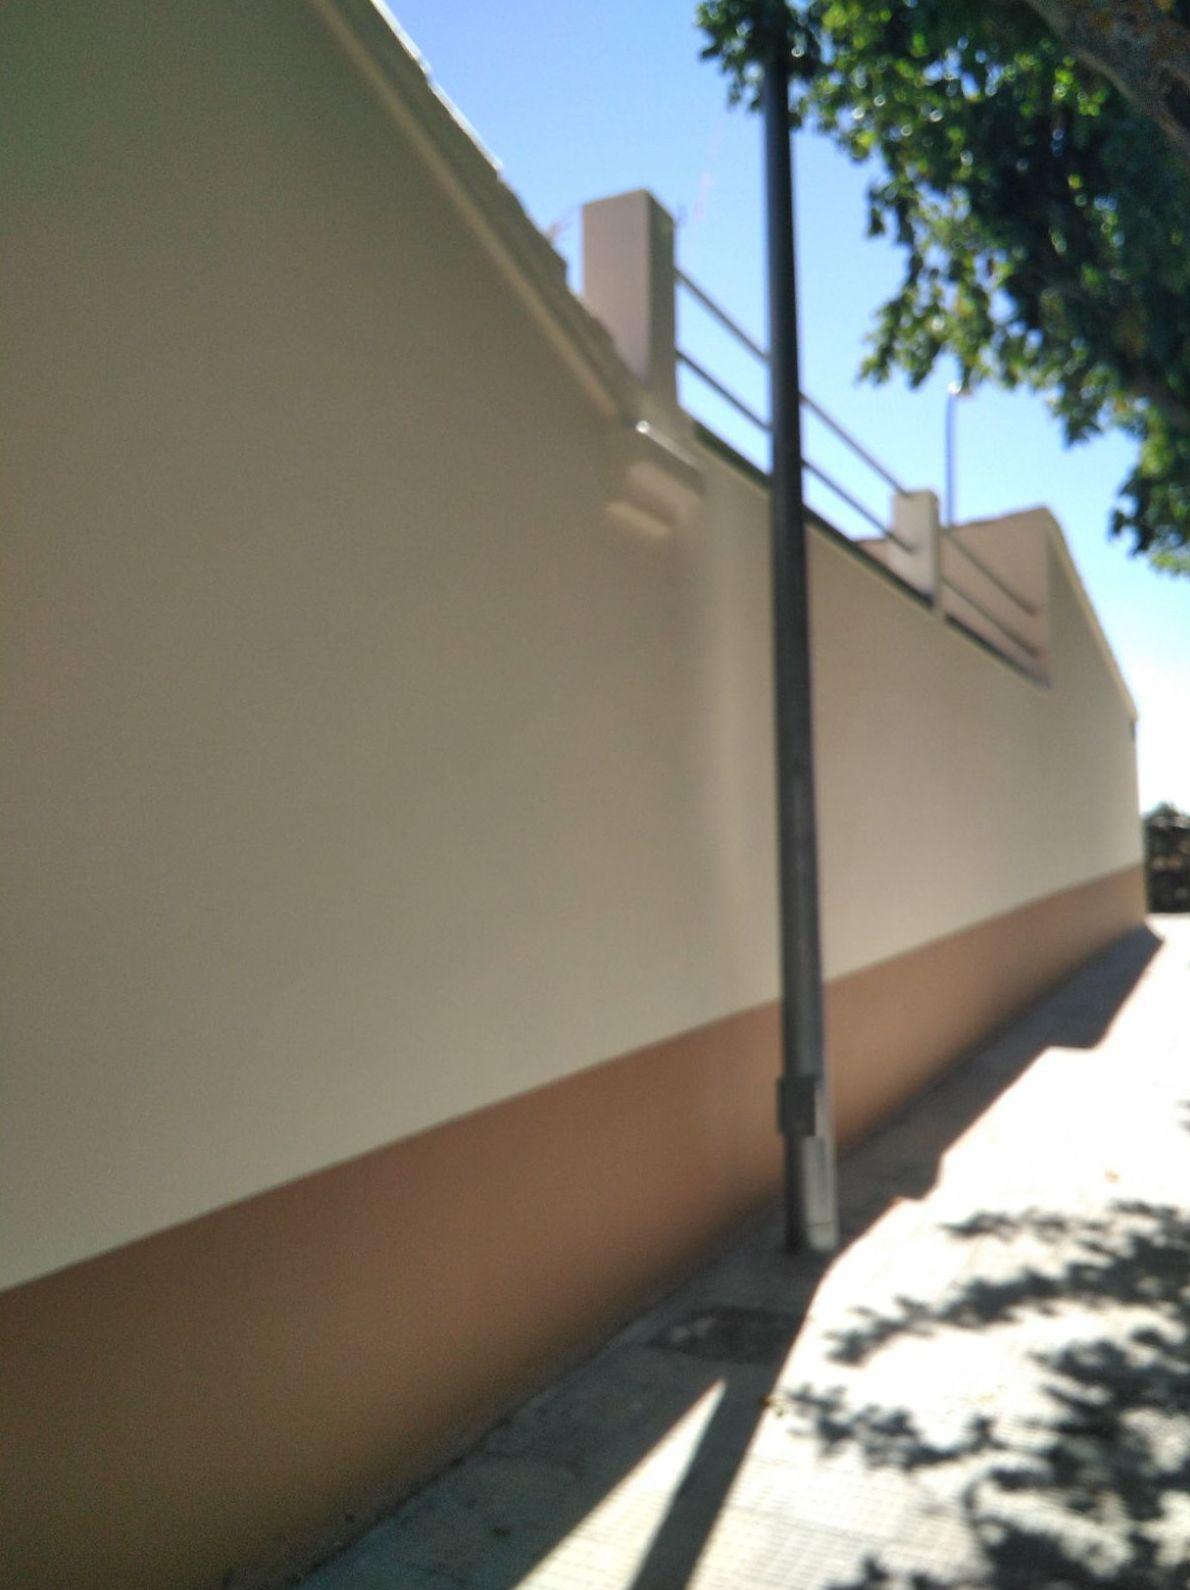 Foto 19 de Pintores en Peñaranda de Bracamonte | Pintores Hermanos Dosuna